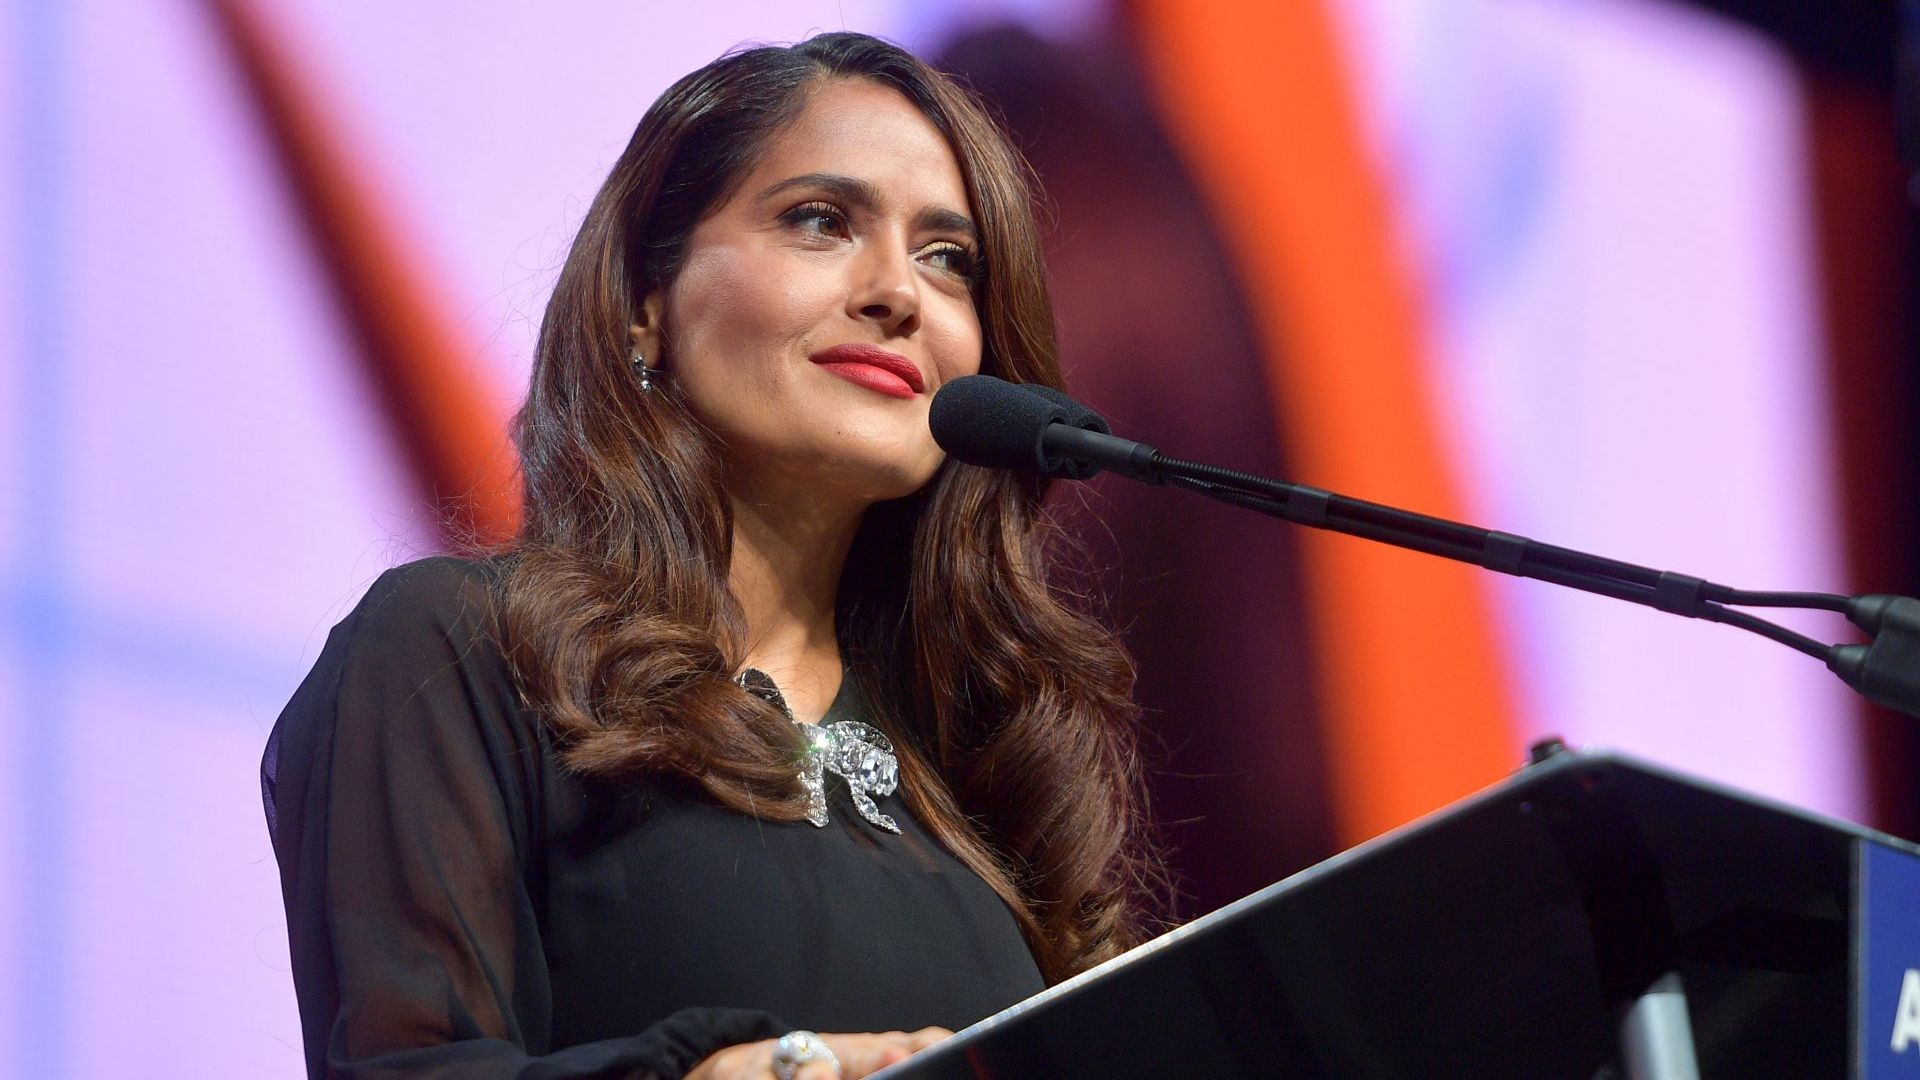 Салма Хайек срещу домашното насилие: Какво става, когато домът е заплаха?